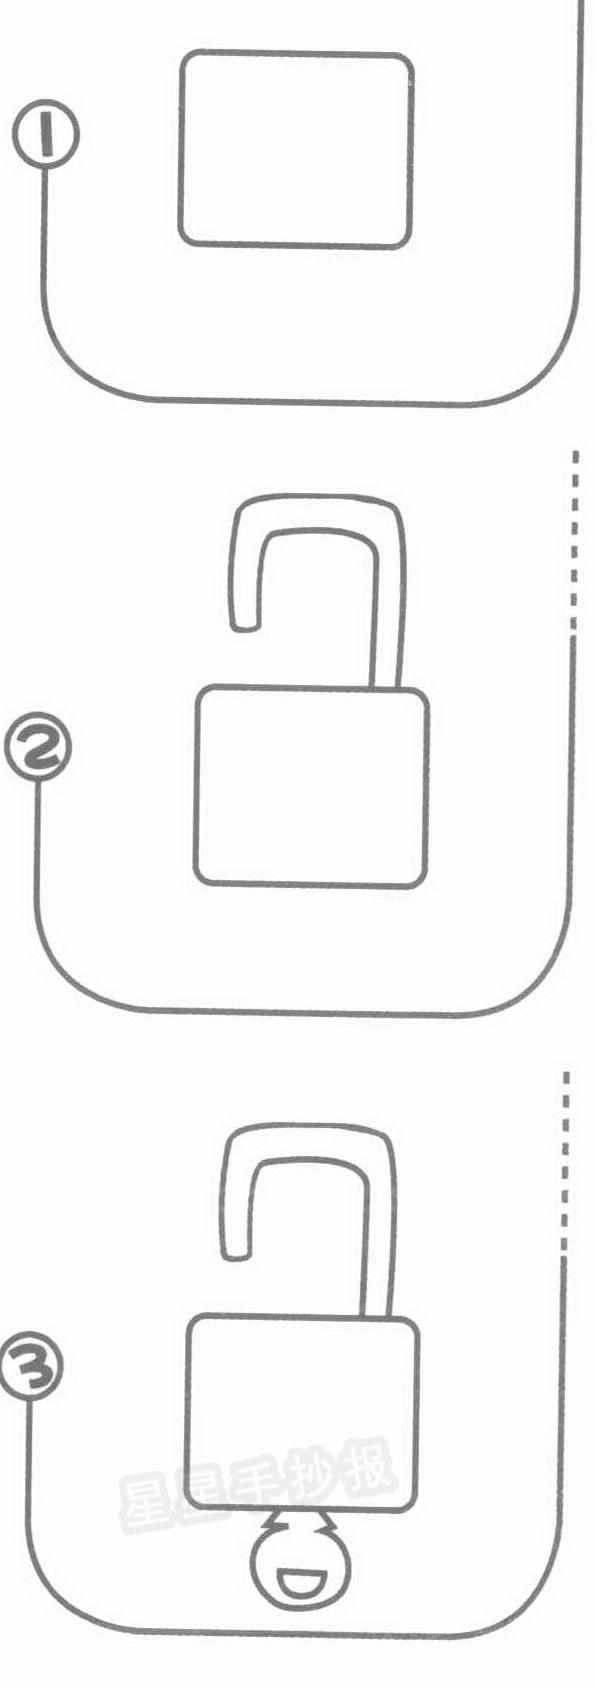 锁和钥匙简笔画